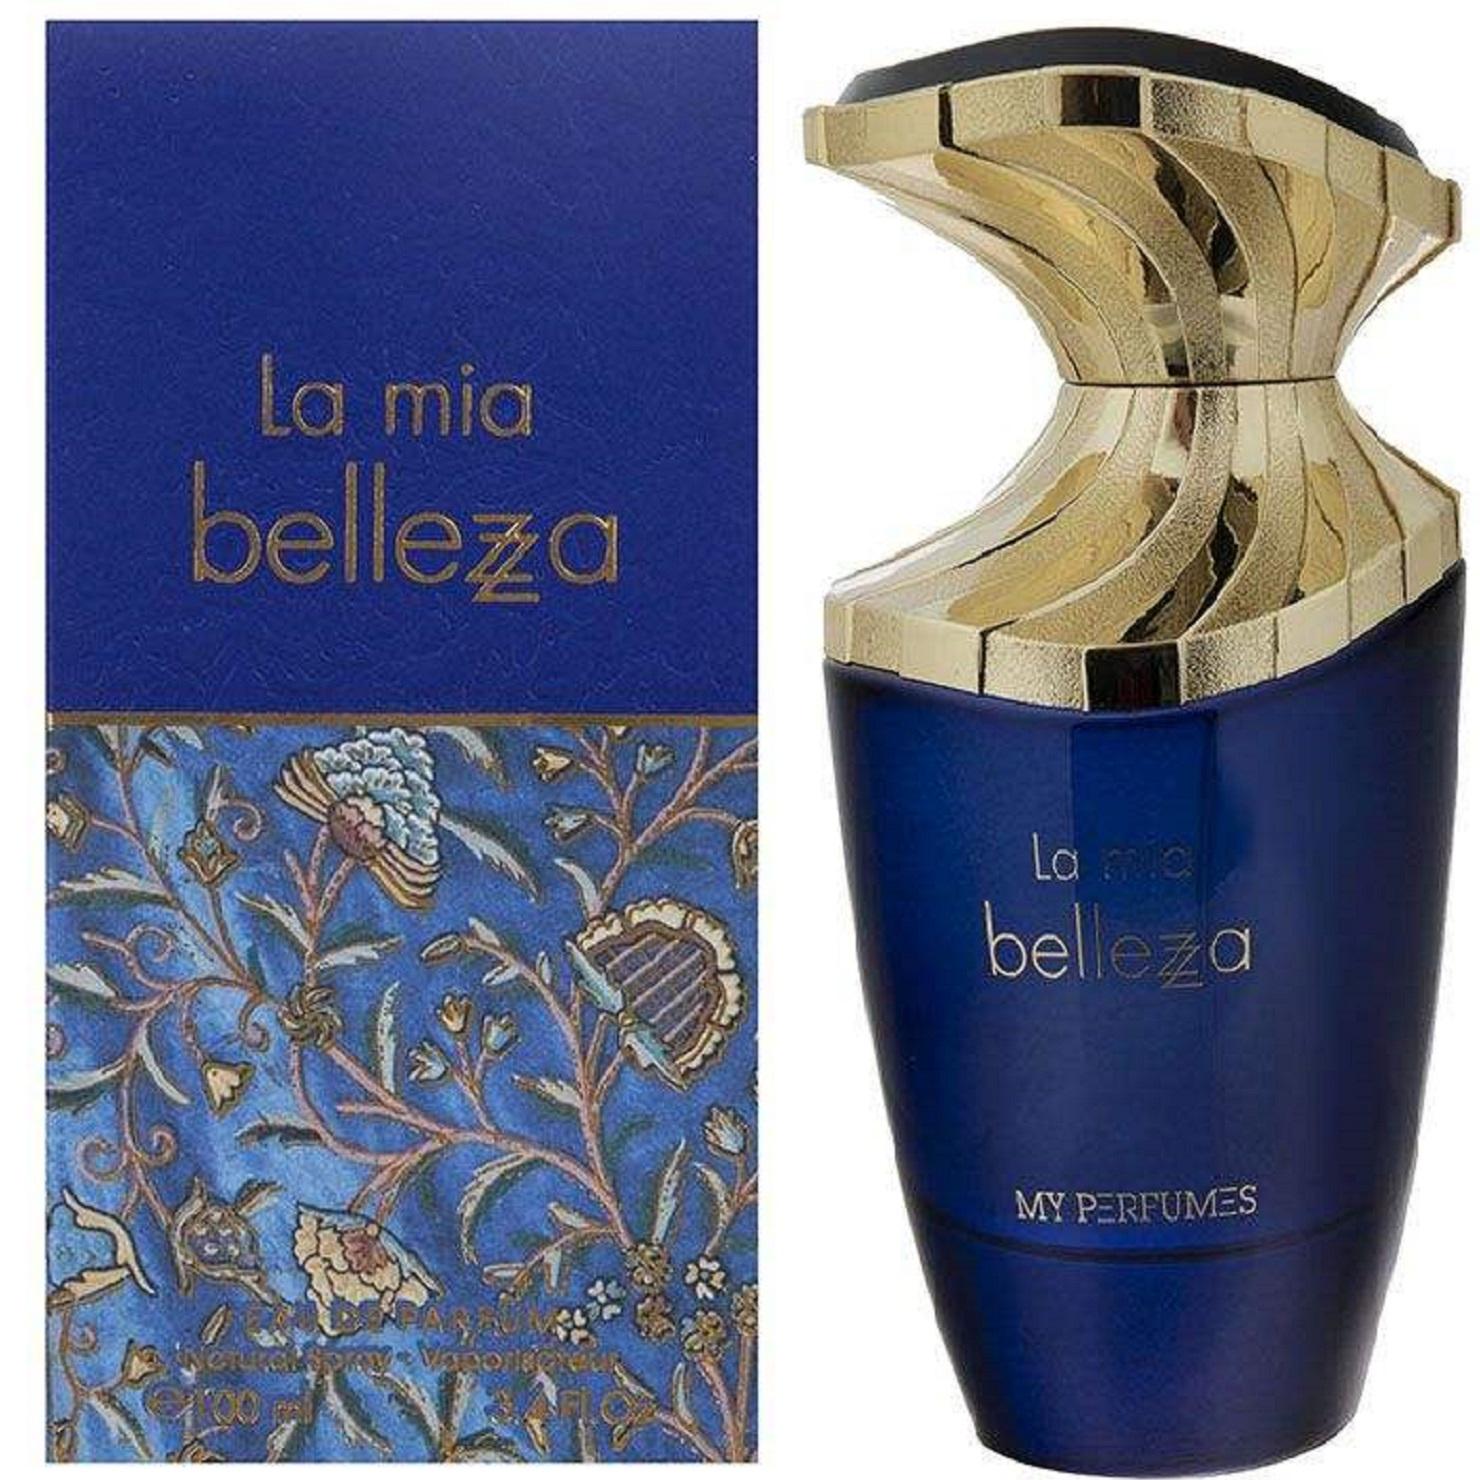 ادو پرفیوم زنانه رودیر مدل La mia Belleza حجم 100 میلی لیتر thumb